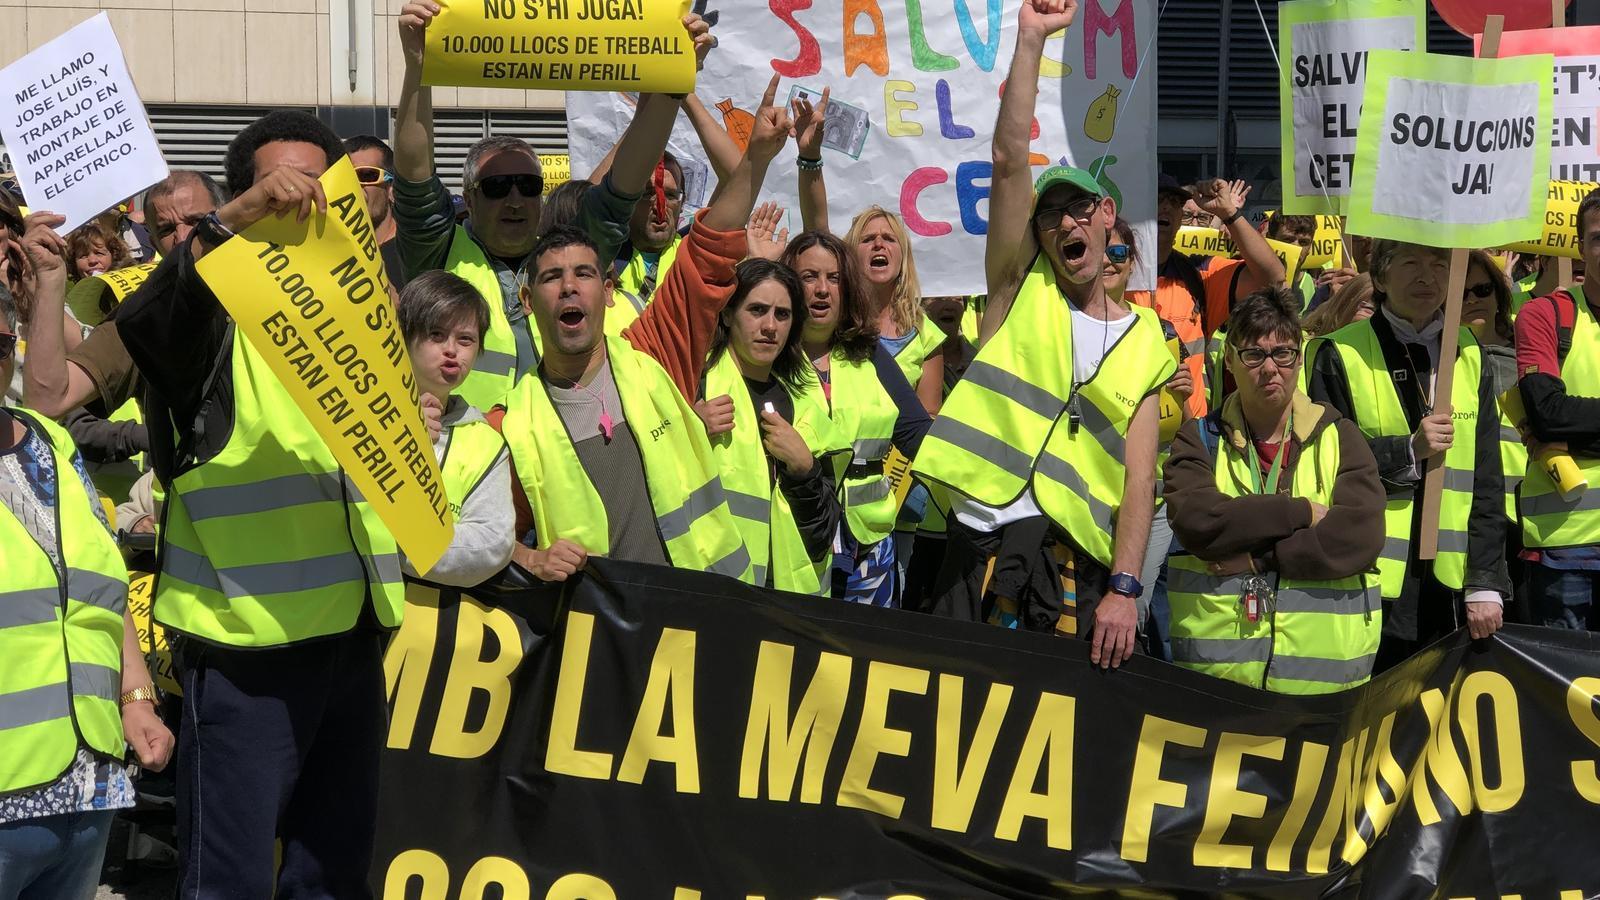 Milers de persones protesten per les retallades als serveis de persones amb discapacitat intel·lectual